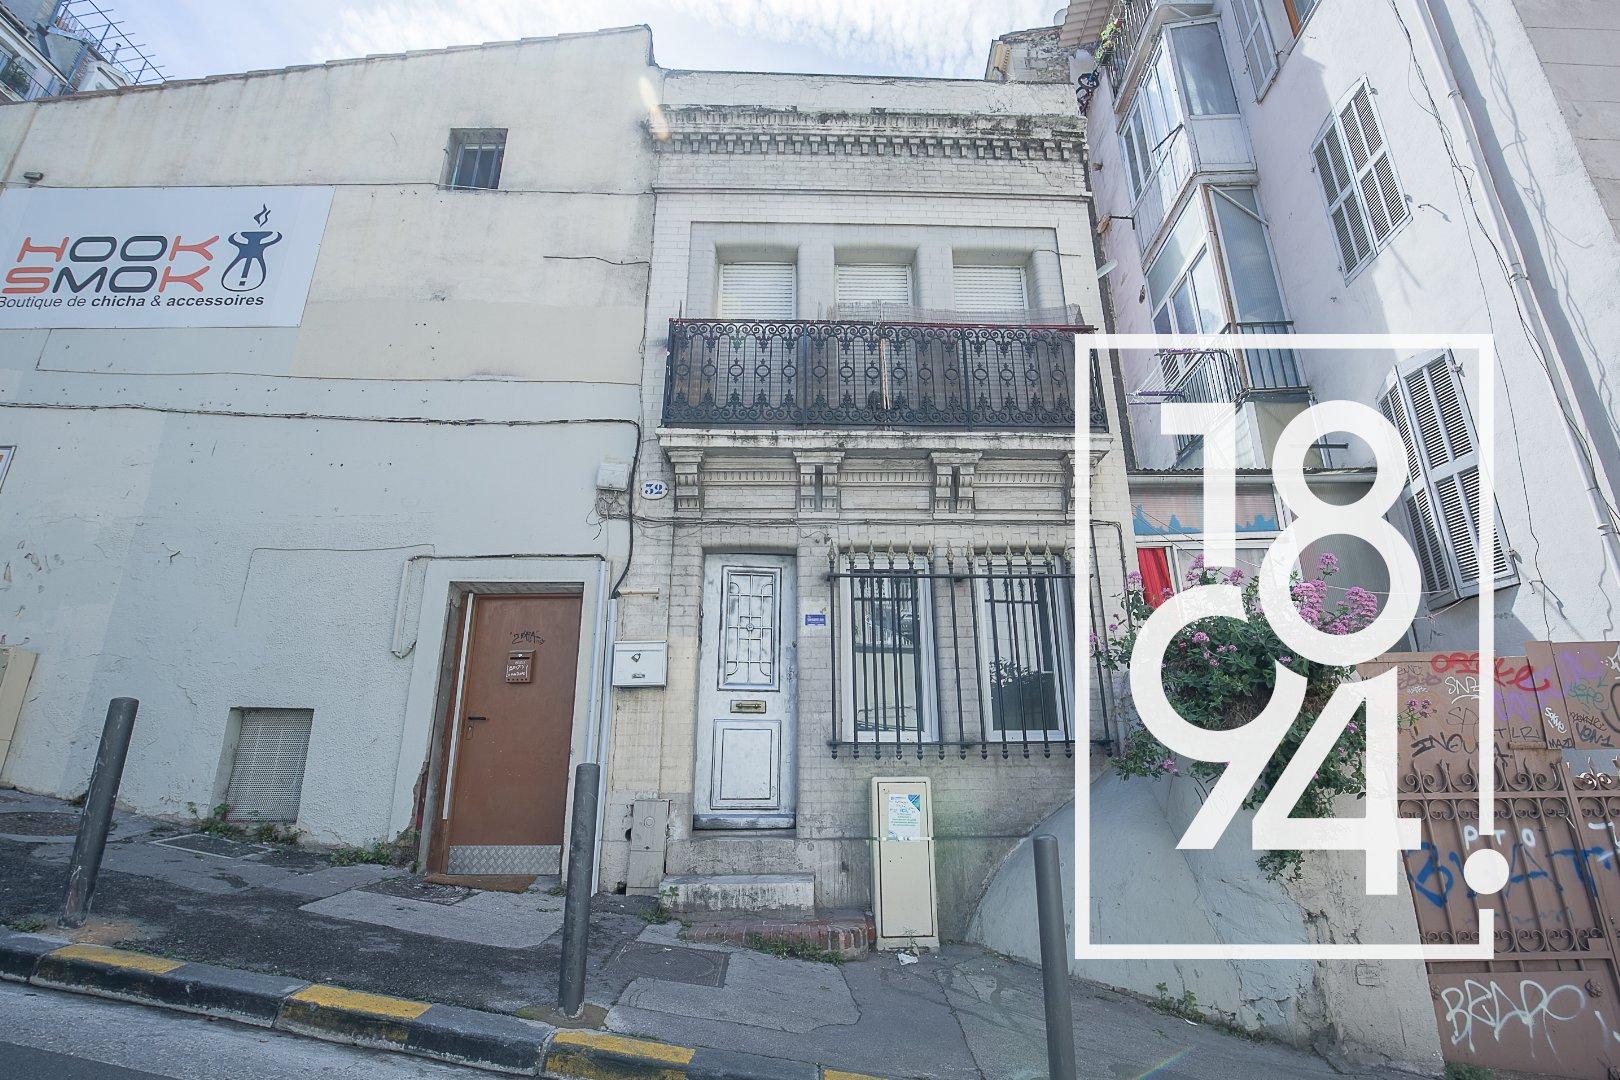 Maison de Ville secteur Notre-dame-du-mont / Préfecture